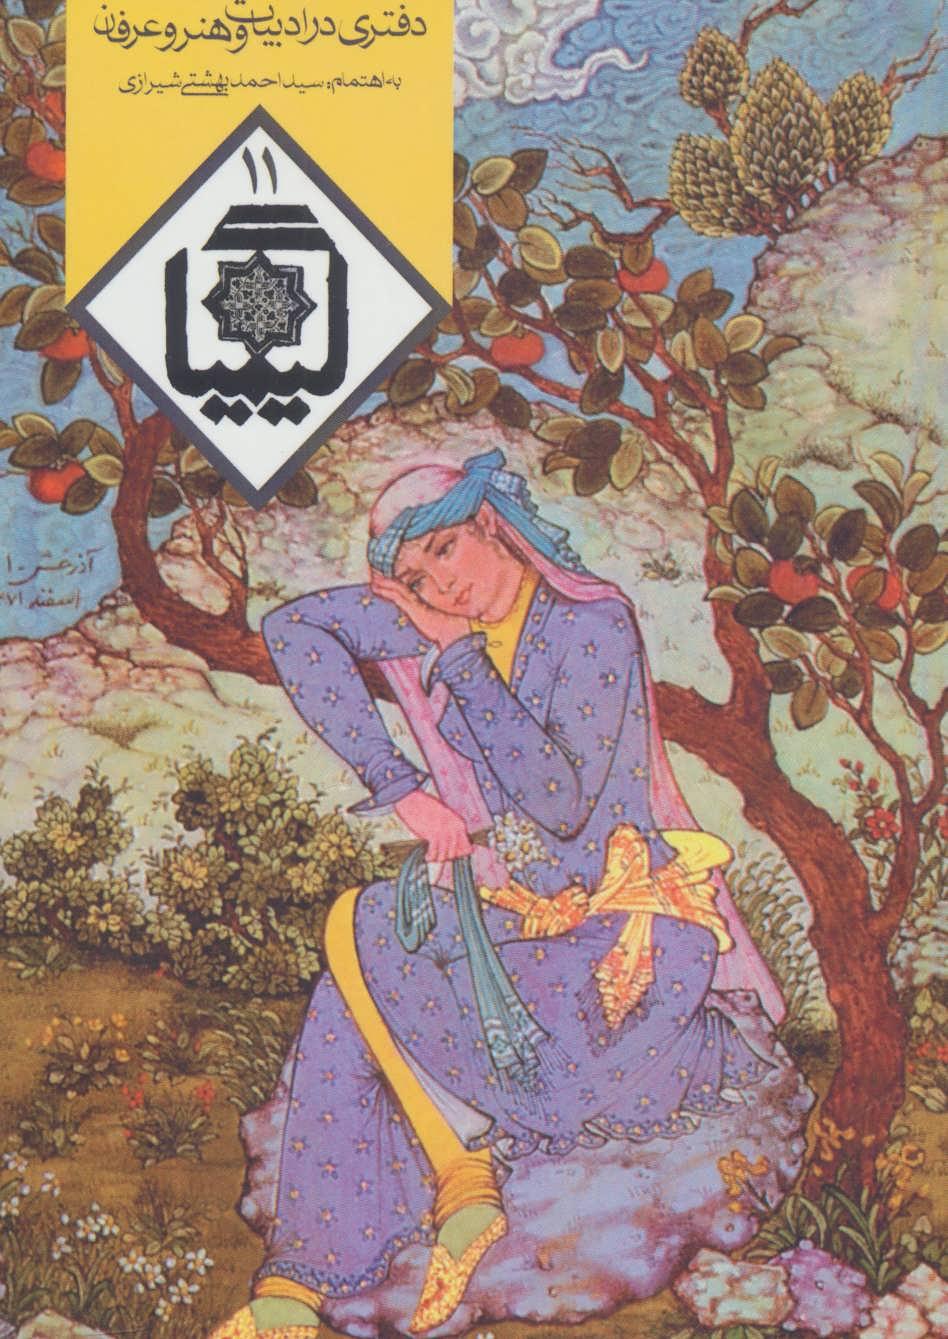 کیمیا11 (دفتری در ادبیات و هنر و عرفان)